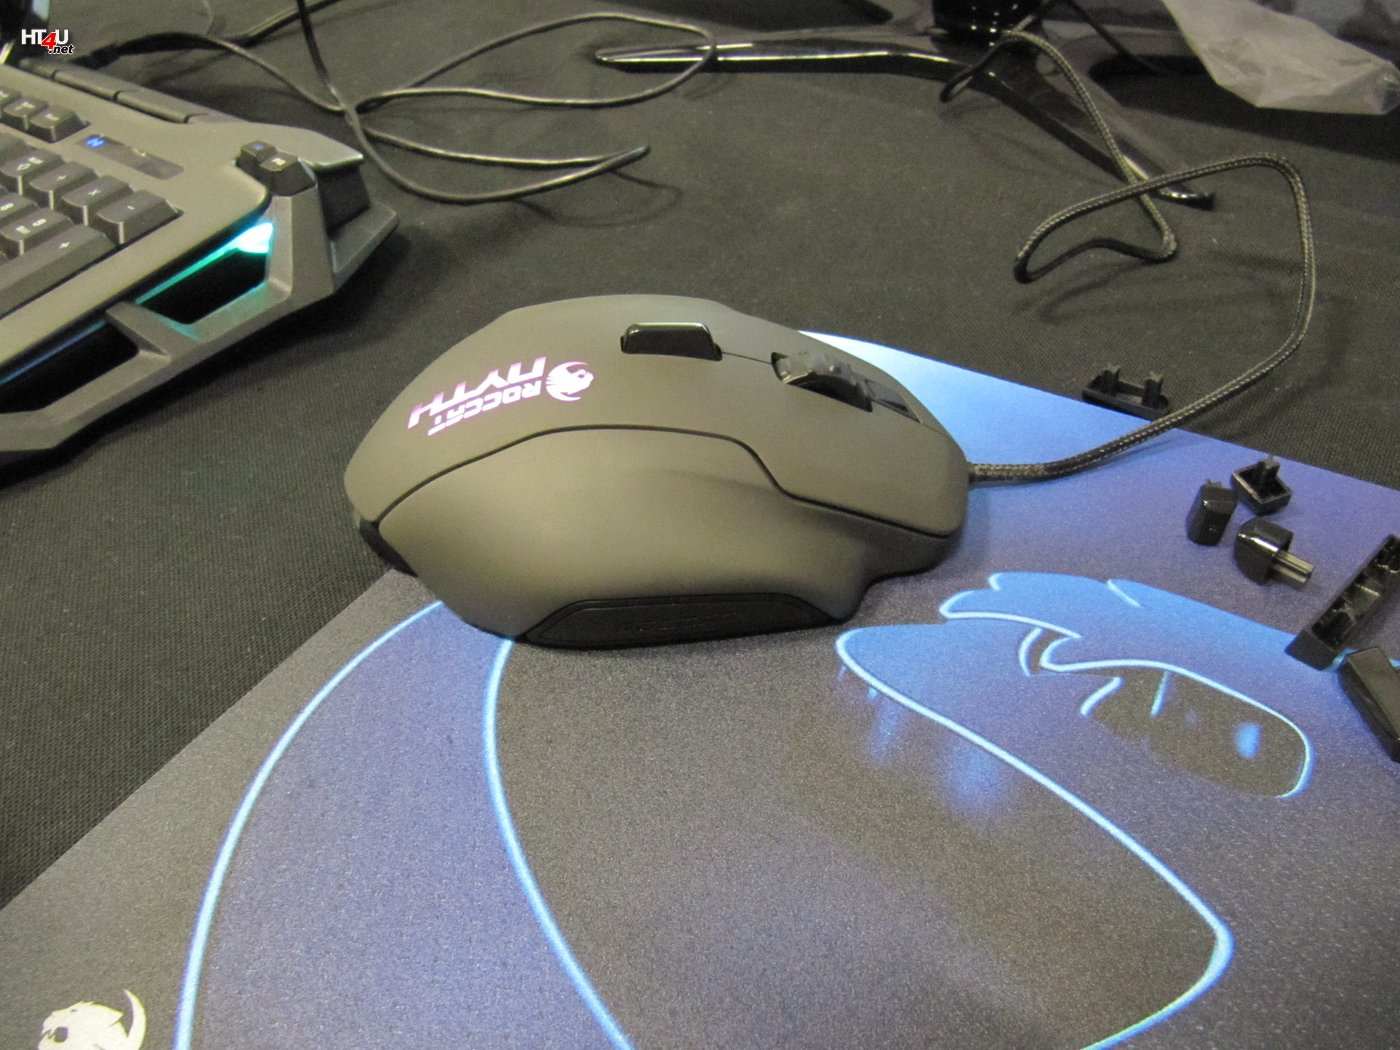 Une souris en kit à imprimer chez Roccat